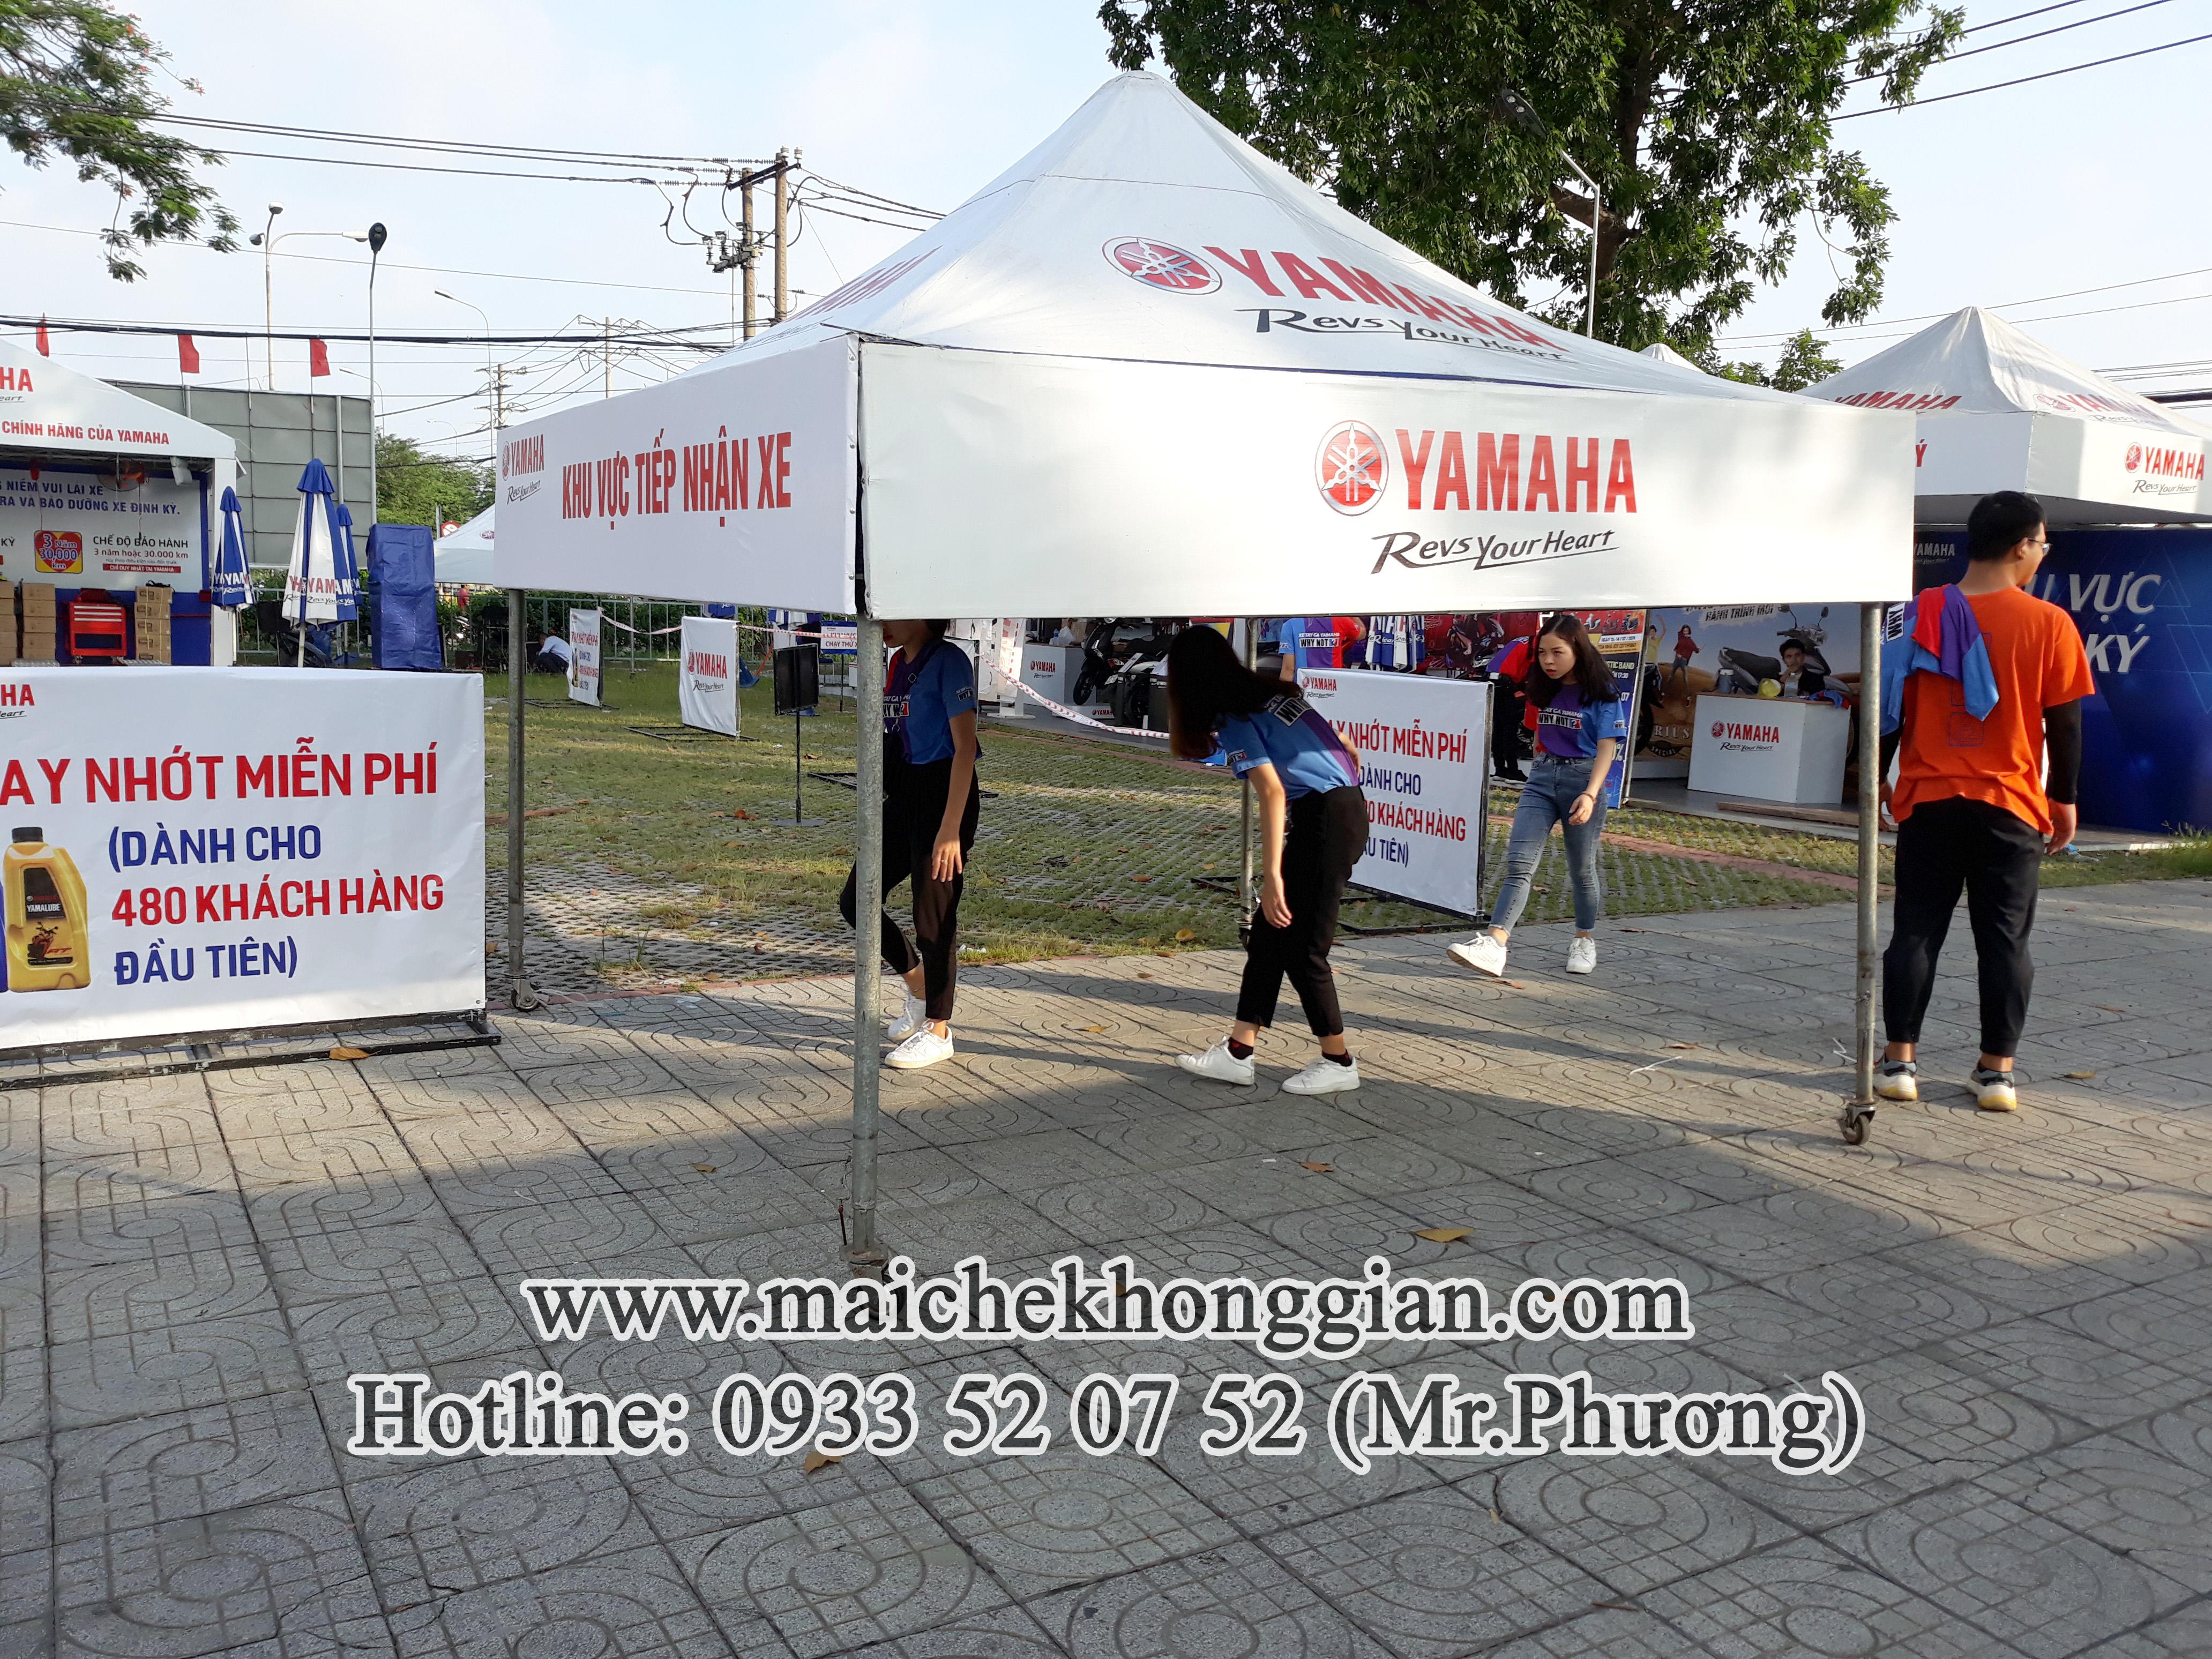 Mái Che Hàng Hóa Quận Ô Môn Cần Thơ.